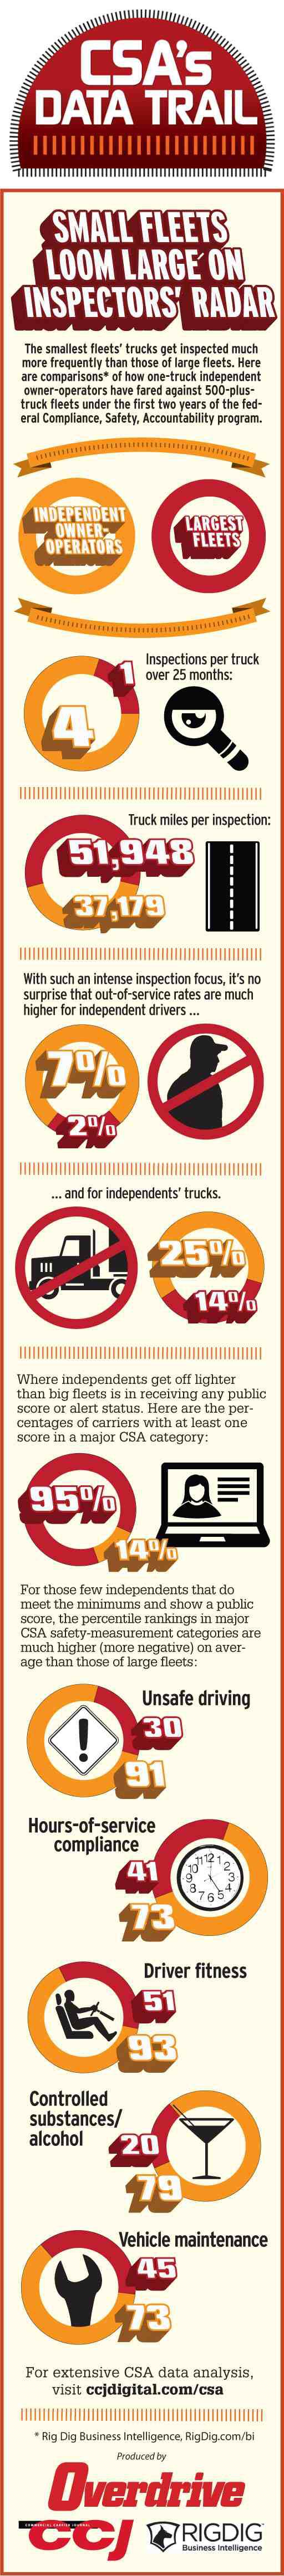 CSA_infographic_2